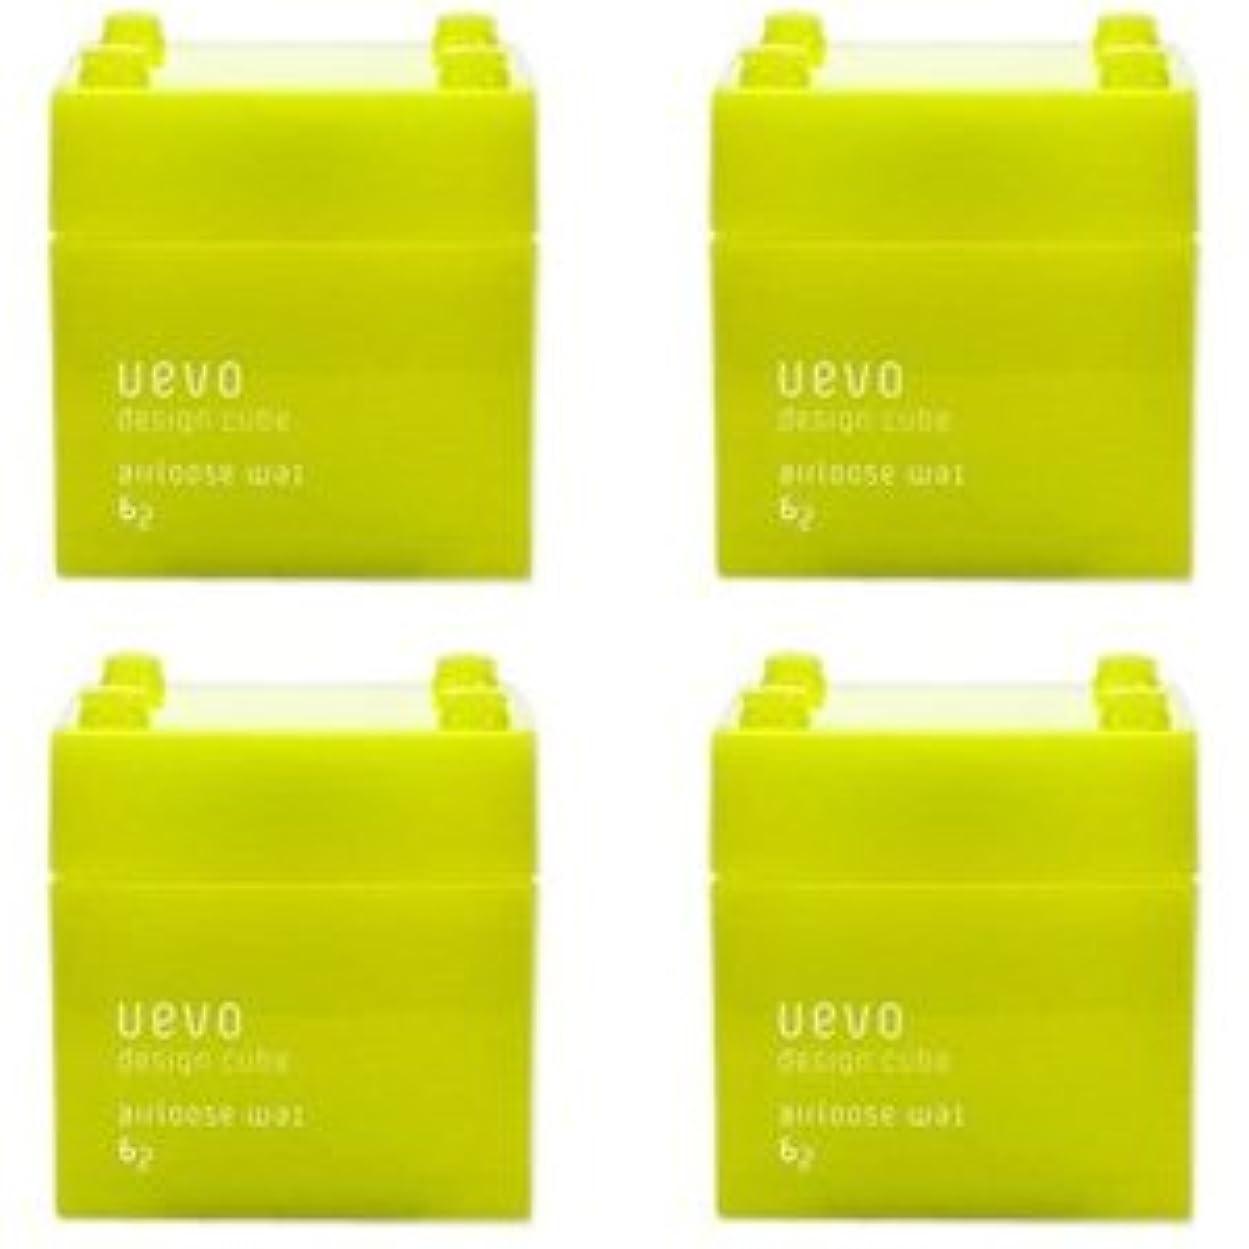 守るアトラスさわやか【X4個セット】 デミ ウェーボ デザインキューブ エアルーズワックス 80g airloose wax DEMI uevo design cube